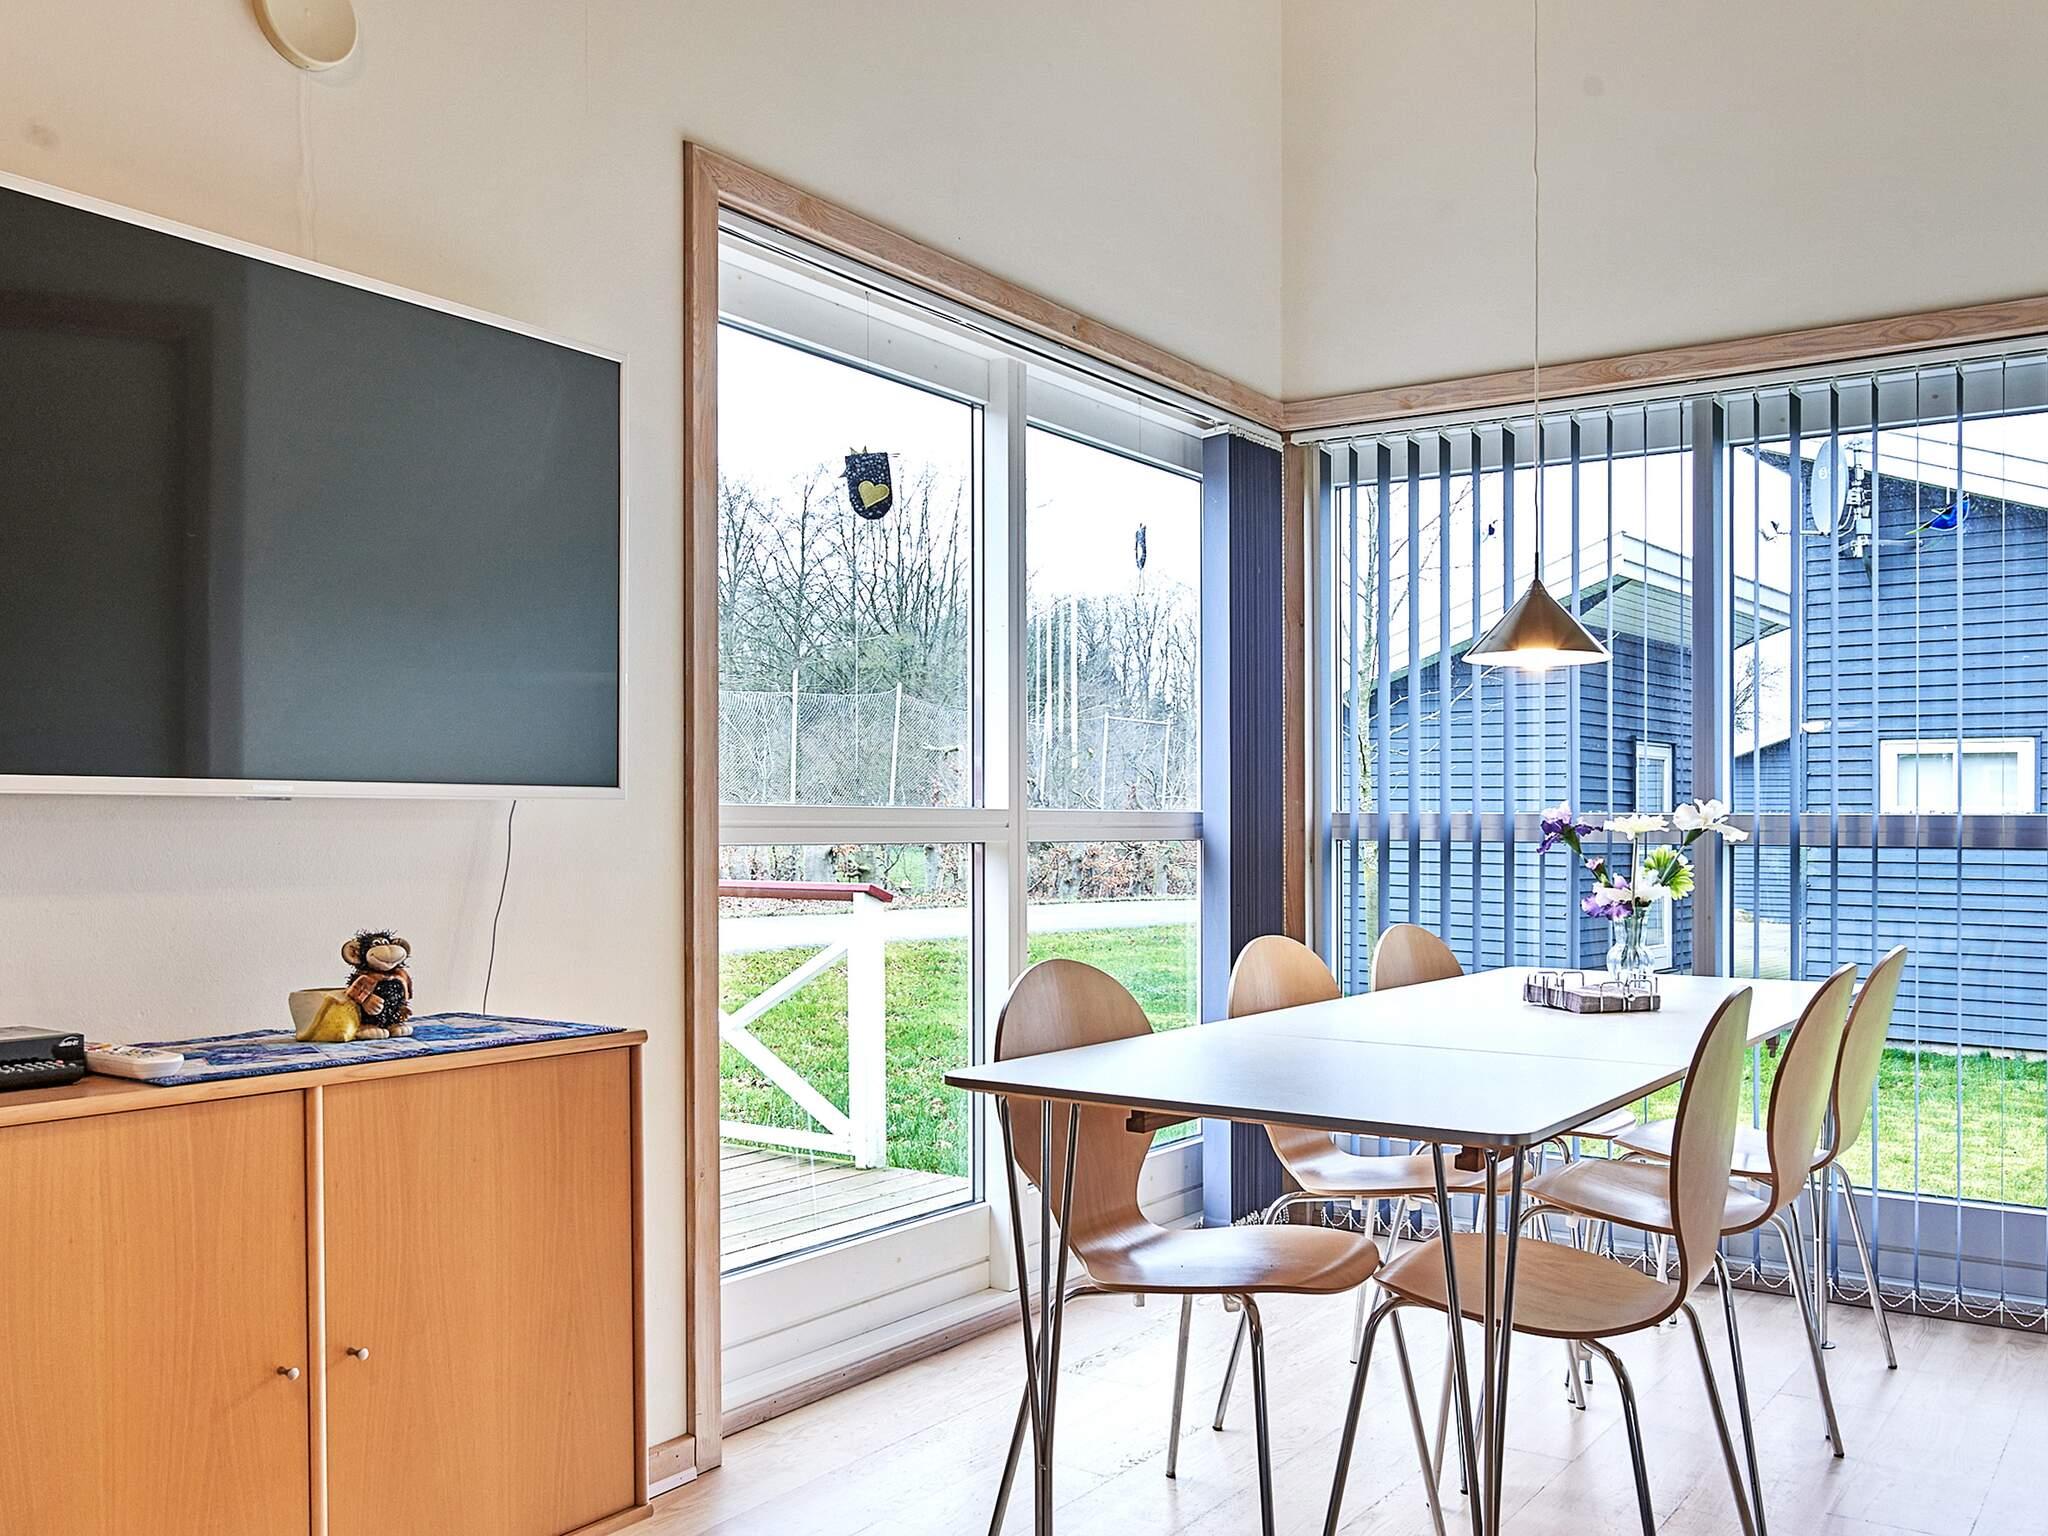 Ferienhaus Rø/Gudhjem (251659), Gudhjem, , Bornholm, Dänemark, Bild 13